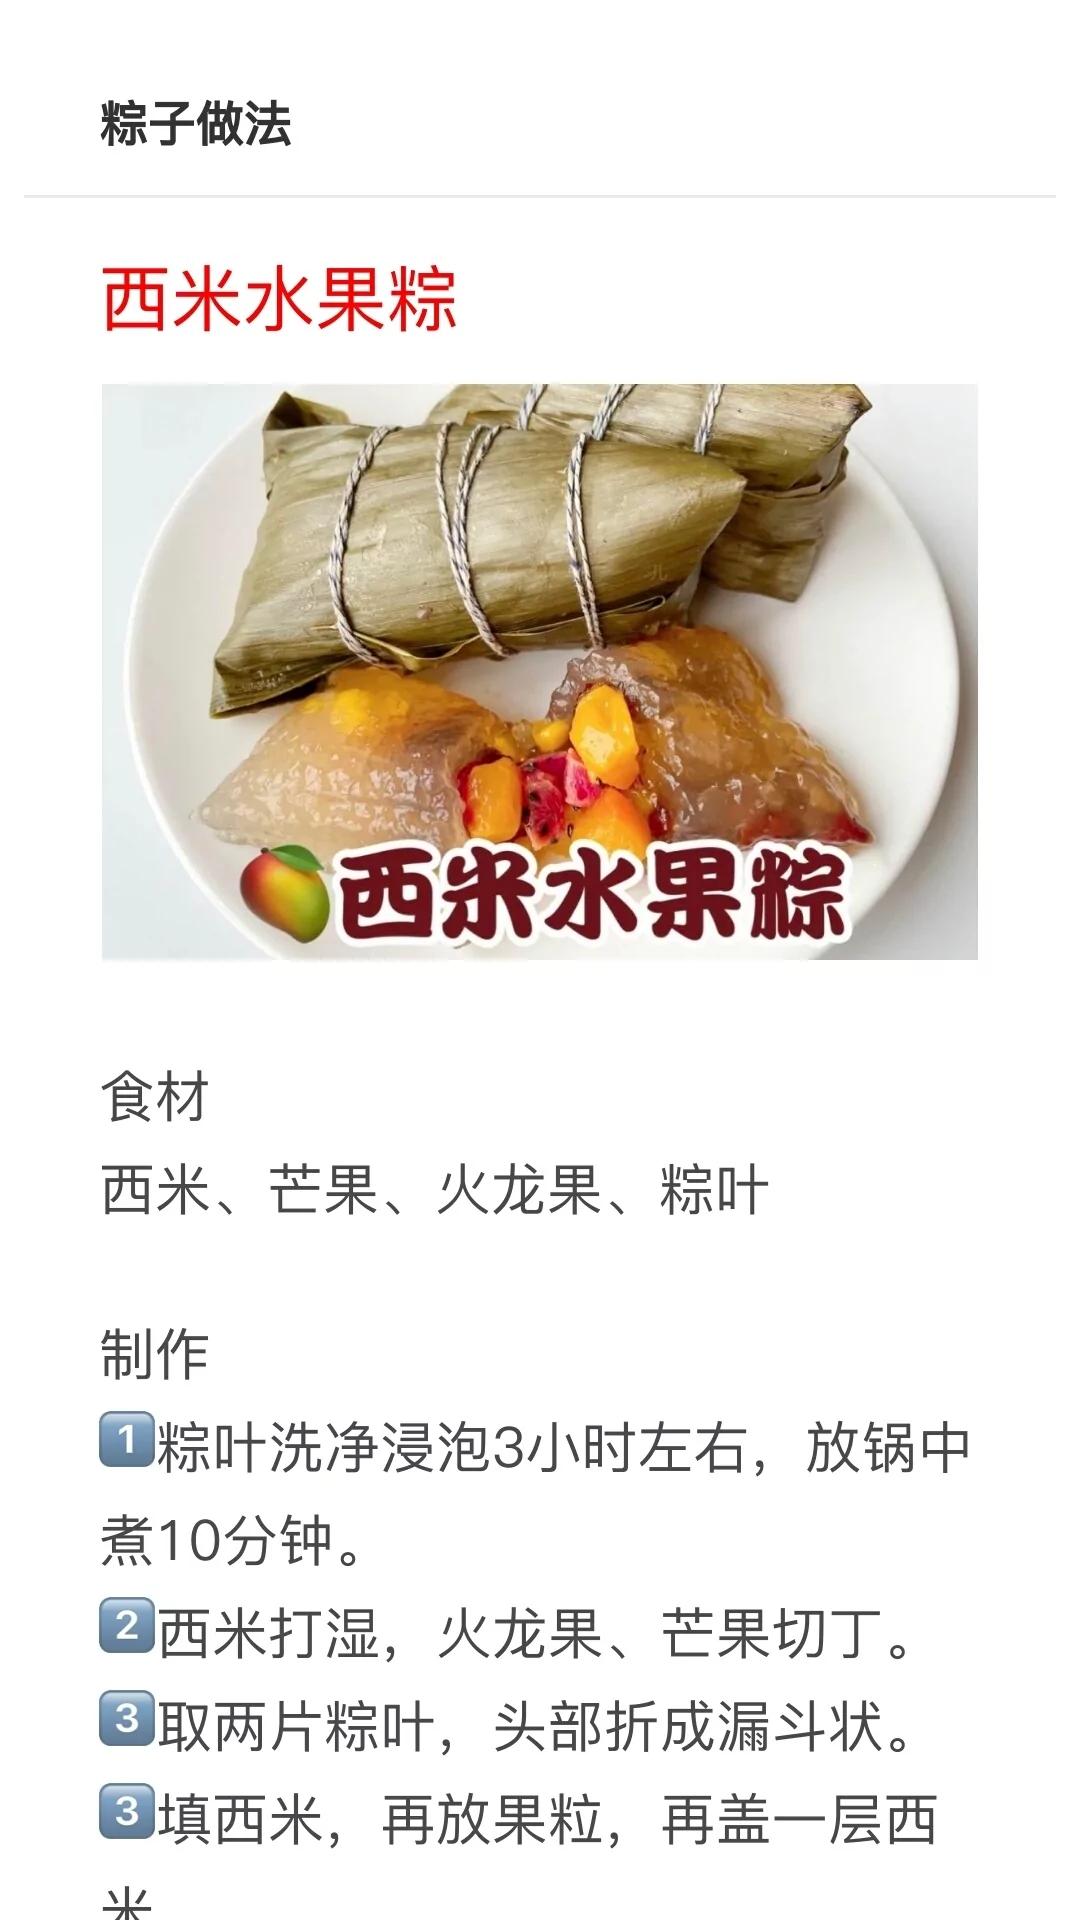 16种粽子的做法及配料!粽子馅配方种类大全,粽子制作方法教程 美食做法 第2张